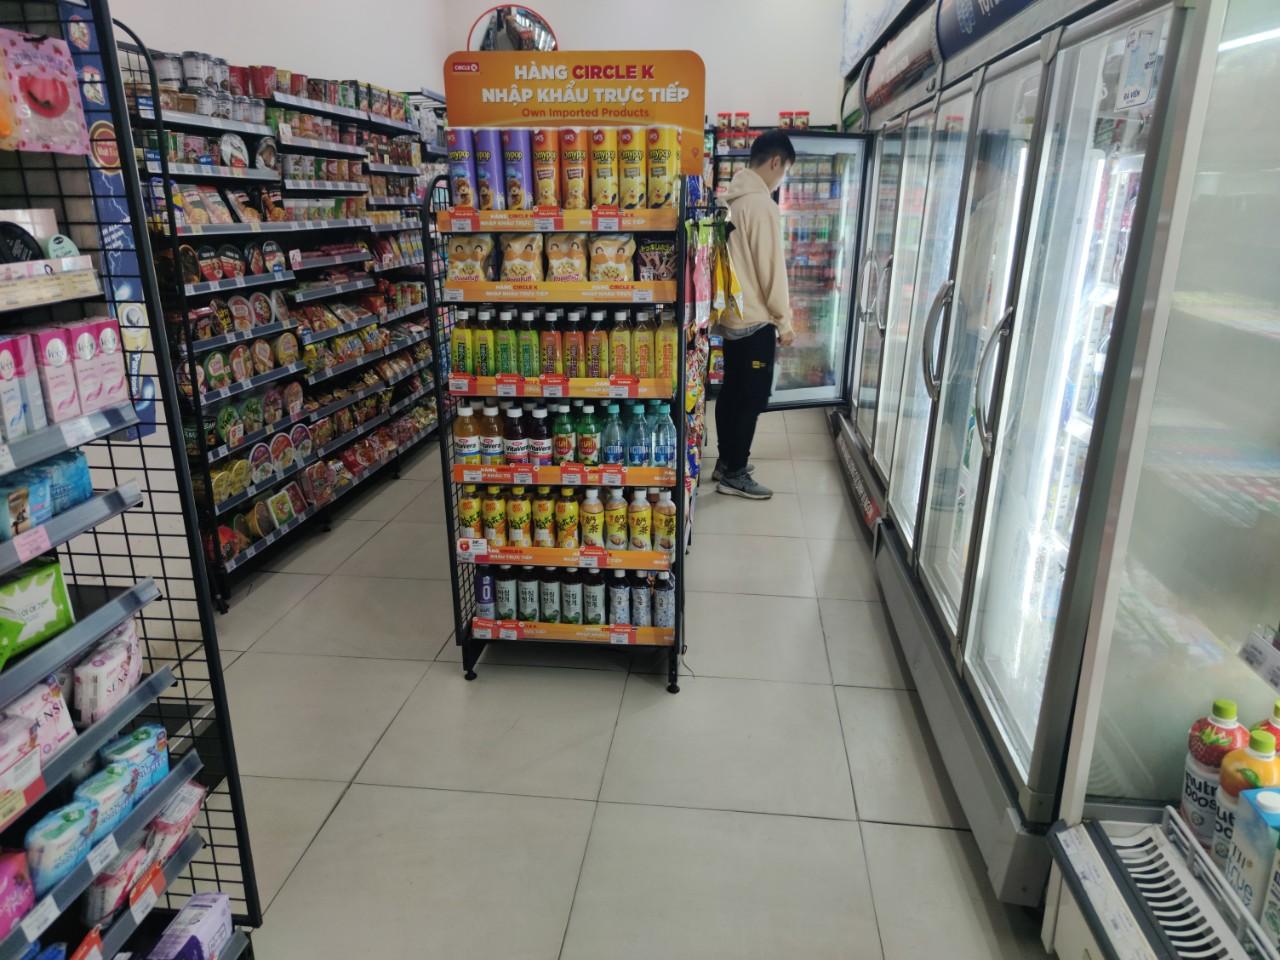 Lượng siêu thị giảm, cửa hàng tiện lợi và siêu thị mini tăng mạnh trong 6 tháng đầu năm - Ảnh 2.